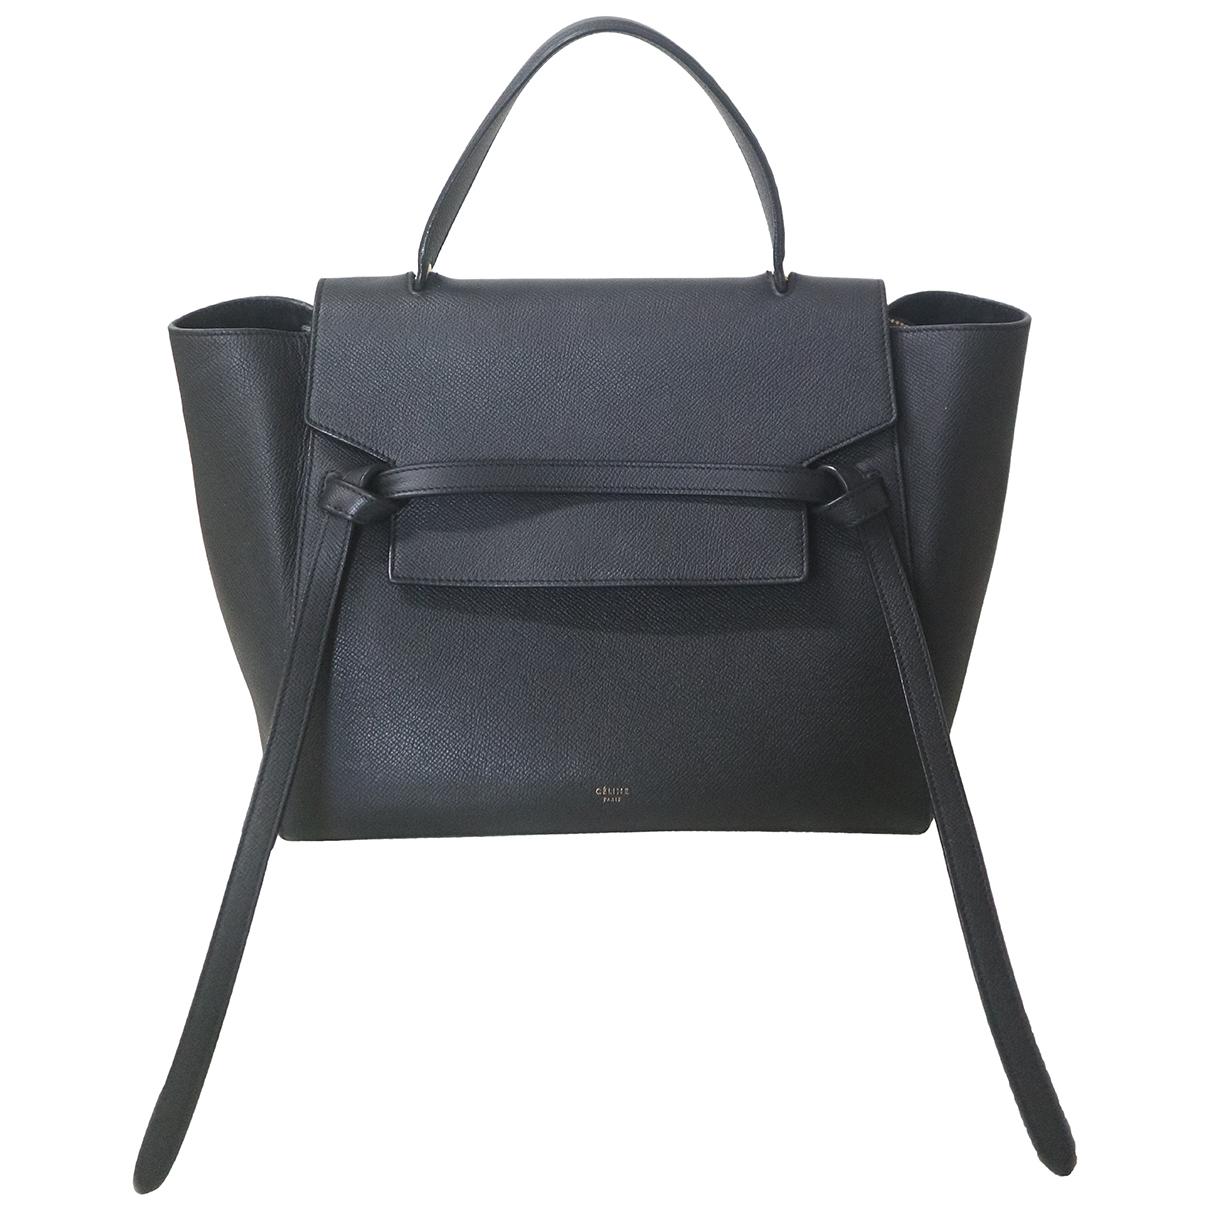 Celine Belt Black Leather handbag for Women N